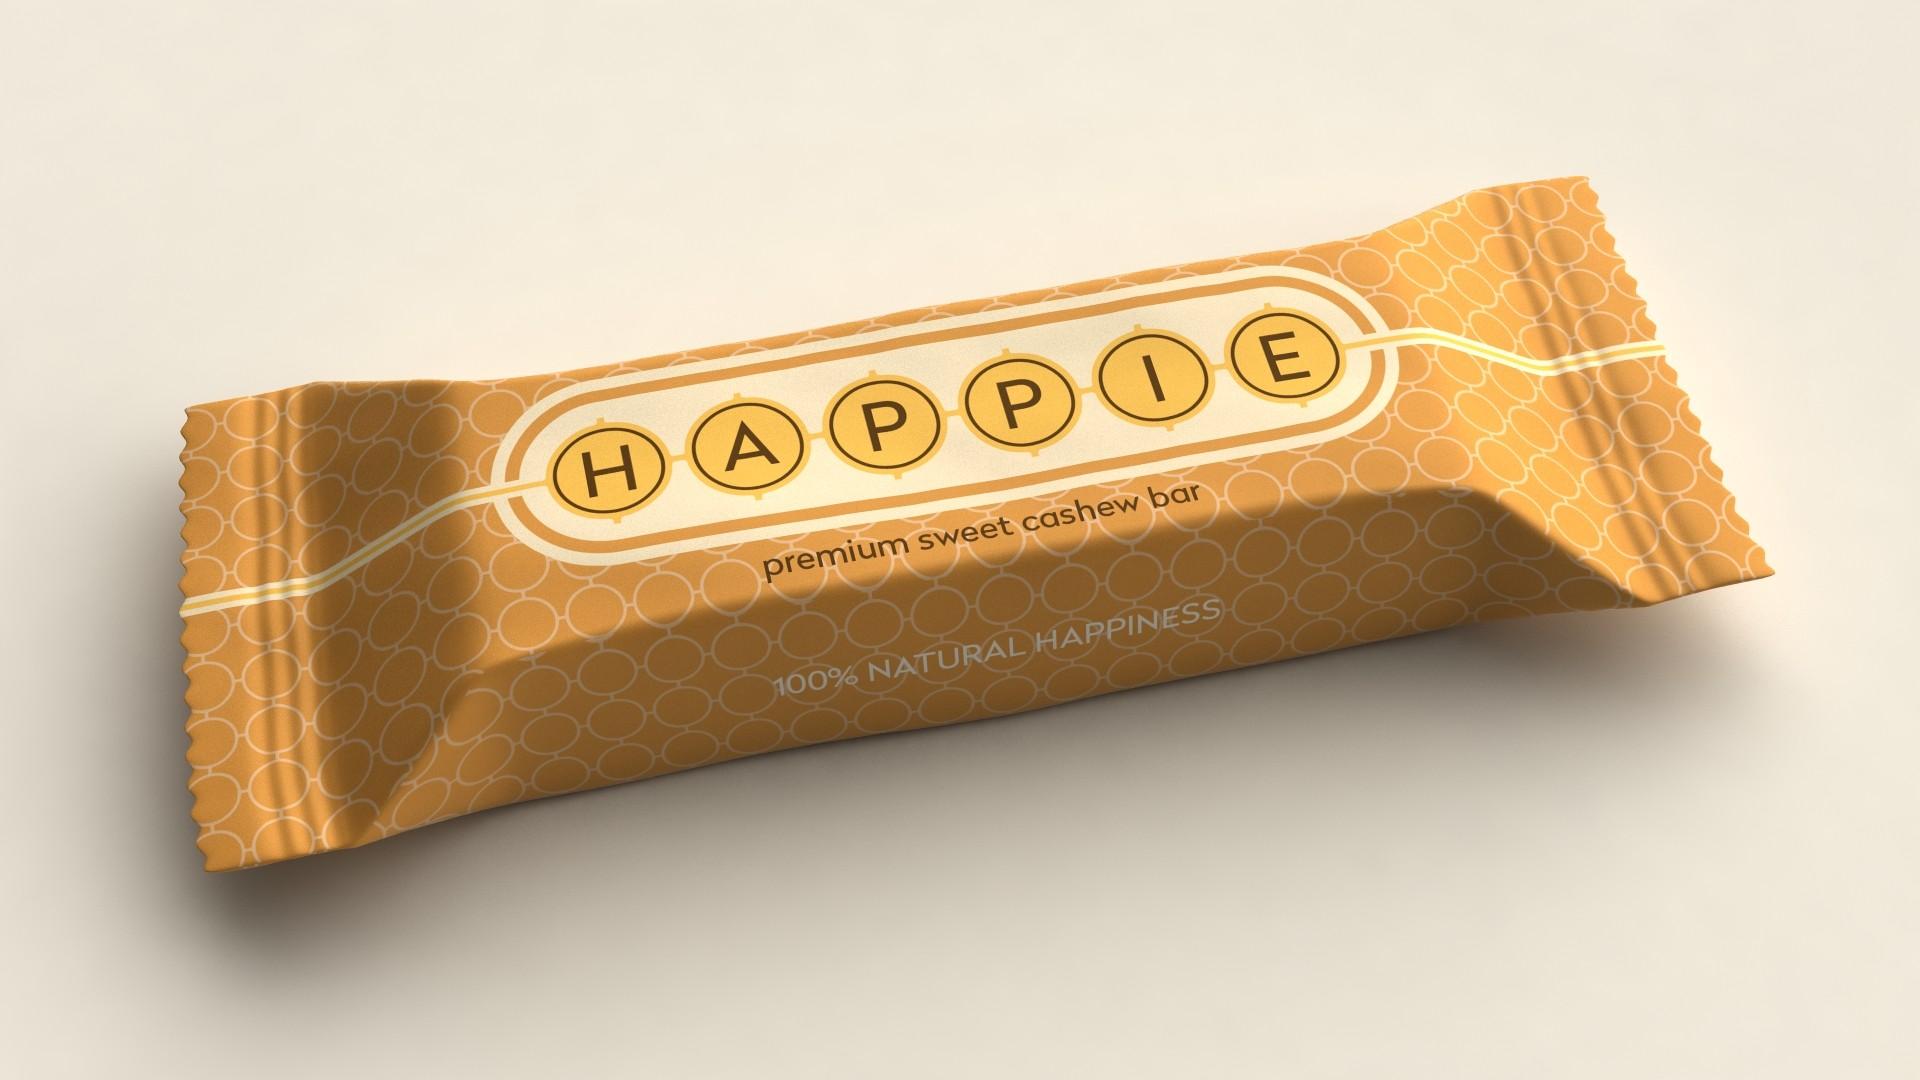 HAPPIE Sweet Cashew Bar ds. 12 repen van 50 gram